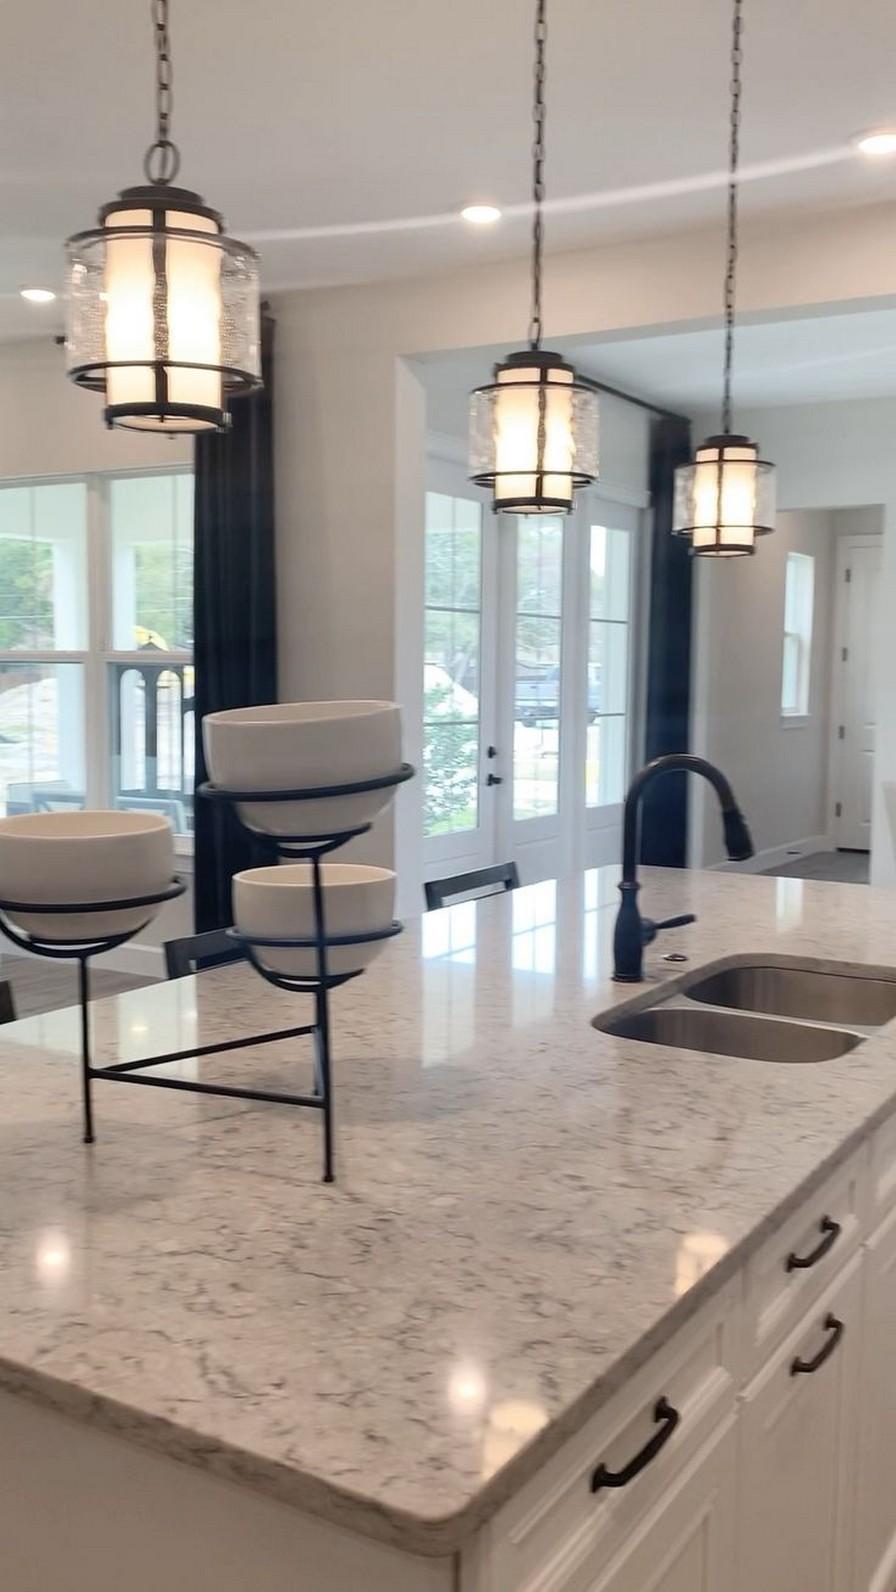 12 Creative Kitchen Cabinet Color Ideas Home Decor 9